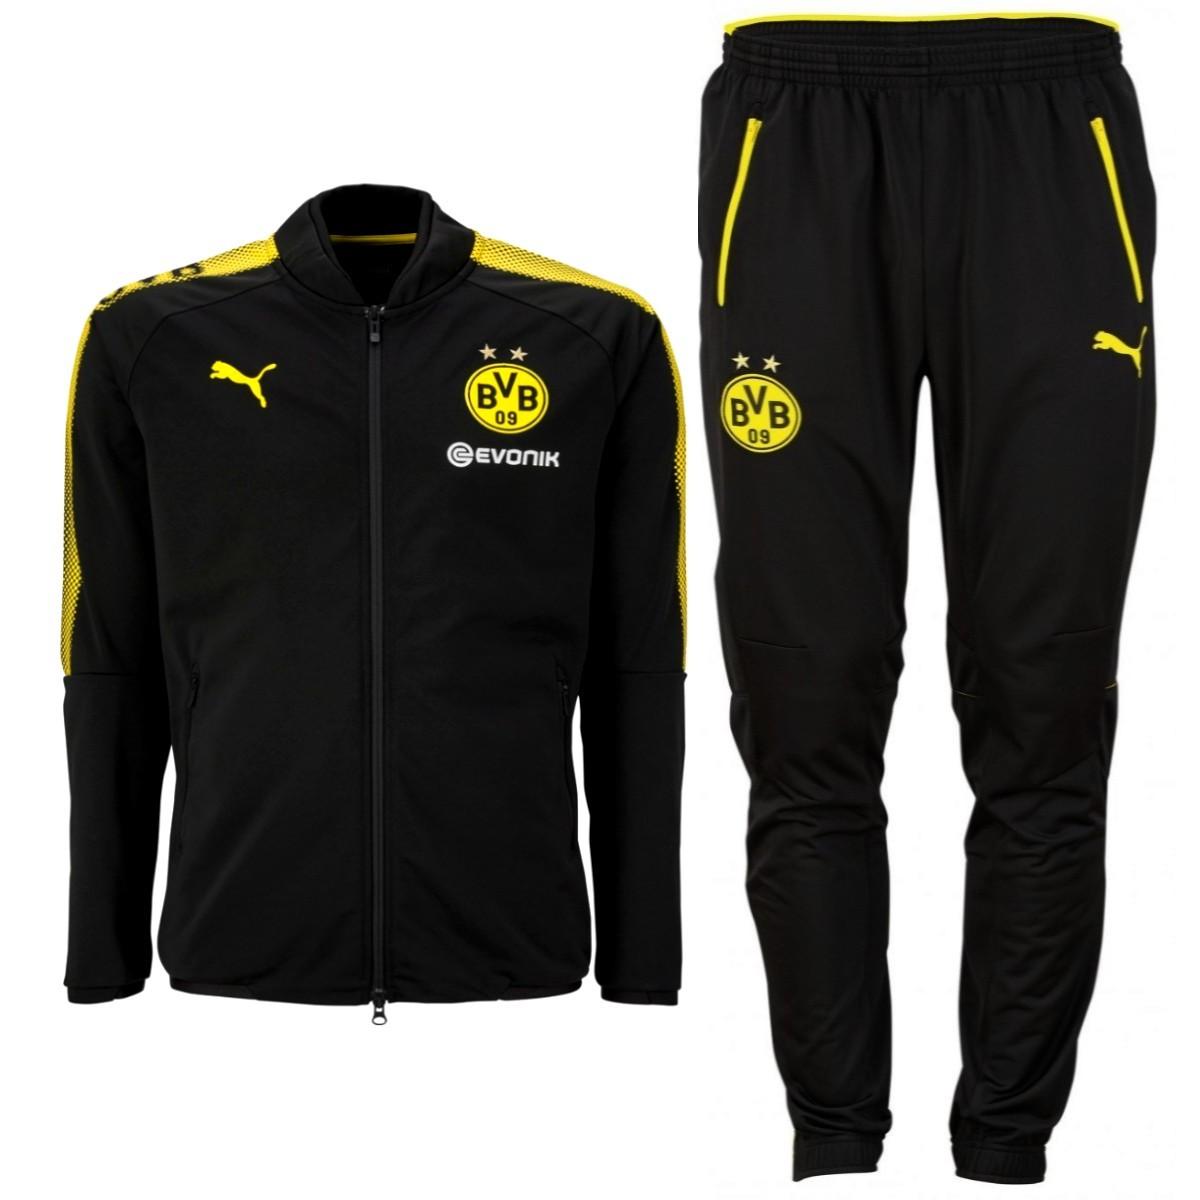 Giacca del Borussia Dortmund da Bambini PUMA con Sponsor Giacche ...